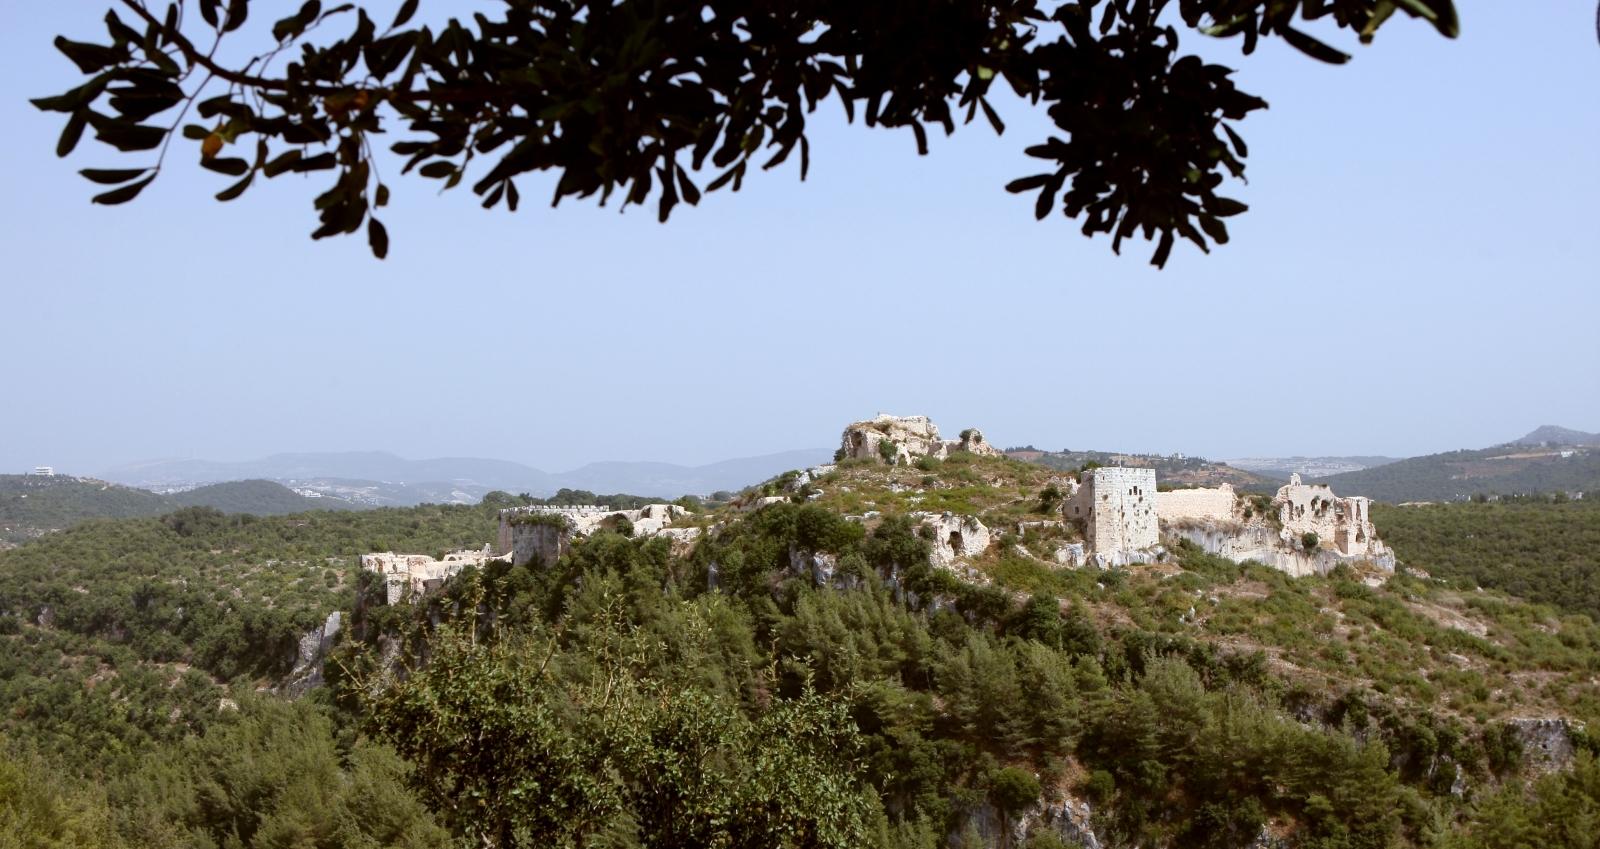 Citadel of Salah ad-Din